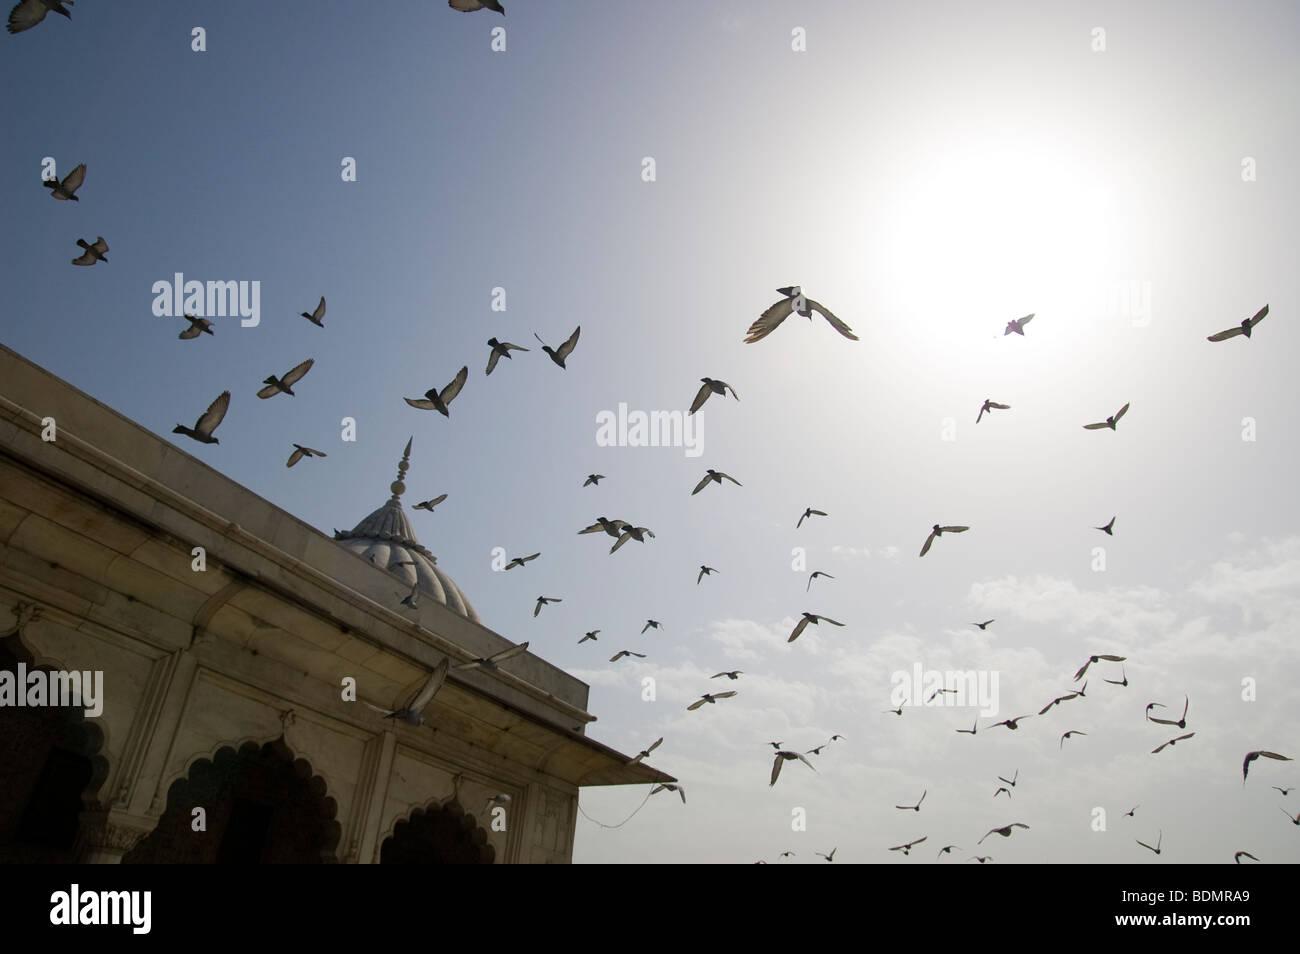 Eine Gruppe von Vögel fliegt über das Rote Fort in Neu-Delhi, Indien. Stockbild